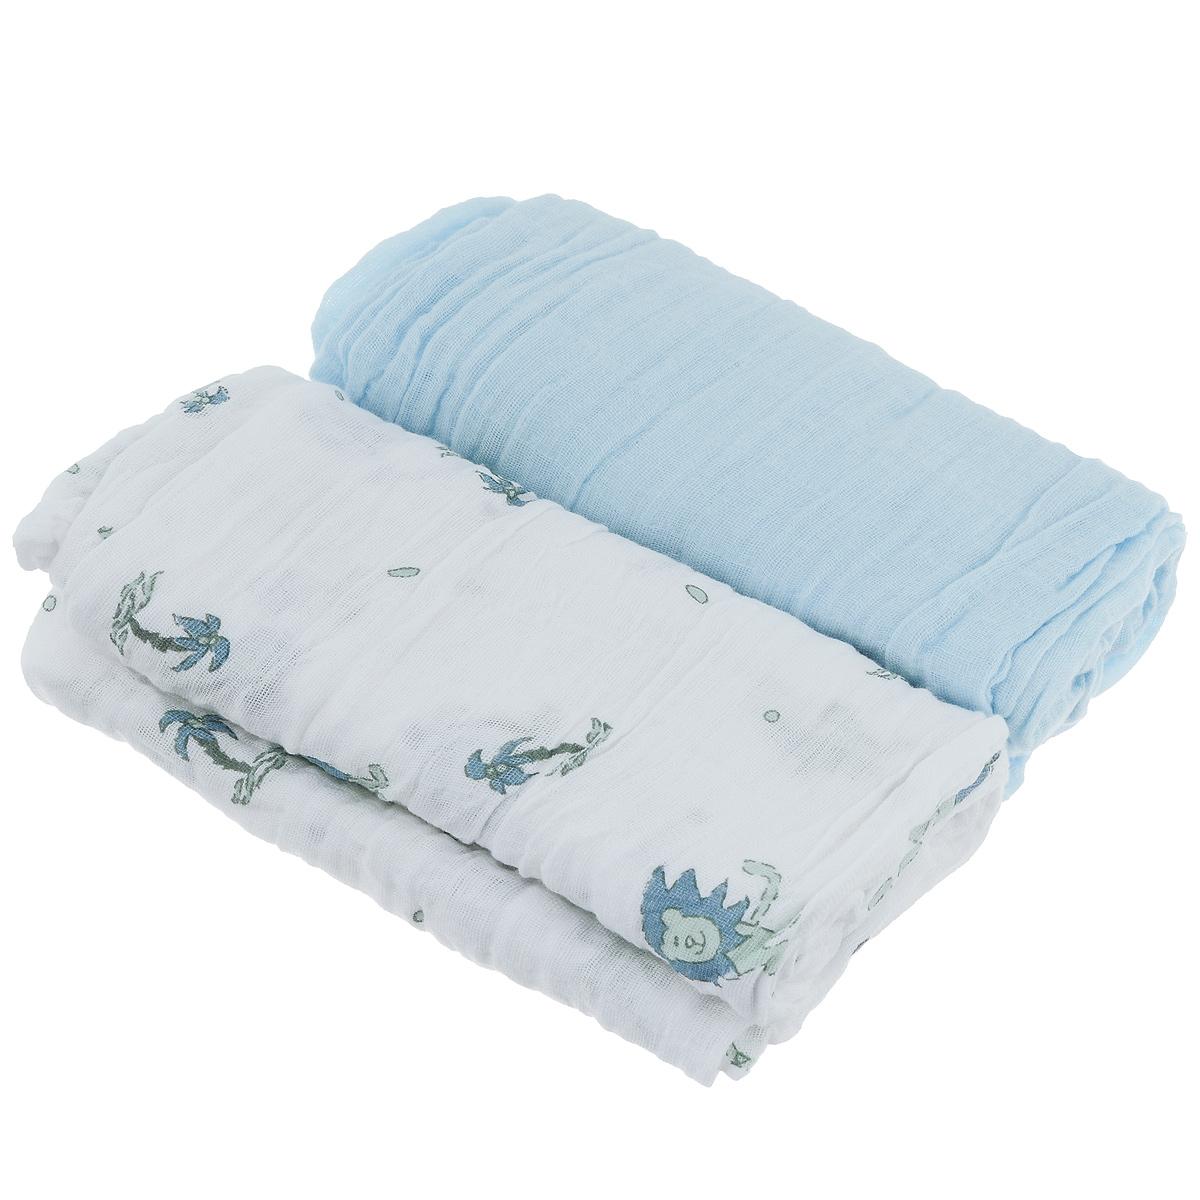 Пеленки Baby Nice муслиновые, цвет: голубой, 115 см х 115 см, 2 штL115Комплект Baby Nice состоит из двух нежных двухслойных муслиновых пеленок. Одна пеленка - однотонная, другая - с приятным красочным принтом. Изделия изготовлены из натурального 100% хлопка. Пеленка - это простая, удобная, привычная и доступная одежда для новорожденного. Пеленки легкие и воздушные и хорошо вентилируются. Благодаря особой технологии переплетения нитей и специальной отделки пряжи, муслиновые пеленки приобрели улучшенную мягкость и гигроскопичность. Легкие и дышащие, эластичные и практичные, такие пеленки хорошо пропускают воздух, впитывают влагу и прекрасно отдают тепло. Они создадут вашему малышу ощущение свежести и комфорта. Пеленки из хлопкового муслина неприхотливы в использовании и в уходе, они не деформируются. Новорожденному малышу для стимулирования развития необходимо постоянно испытывать тактильные ощущения, ощущать прикосновения к коже. Малыш попадает в огромное для него свободное пространство, которое намного больше...